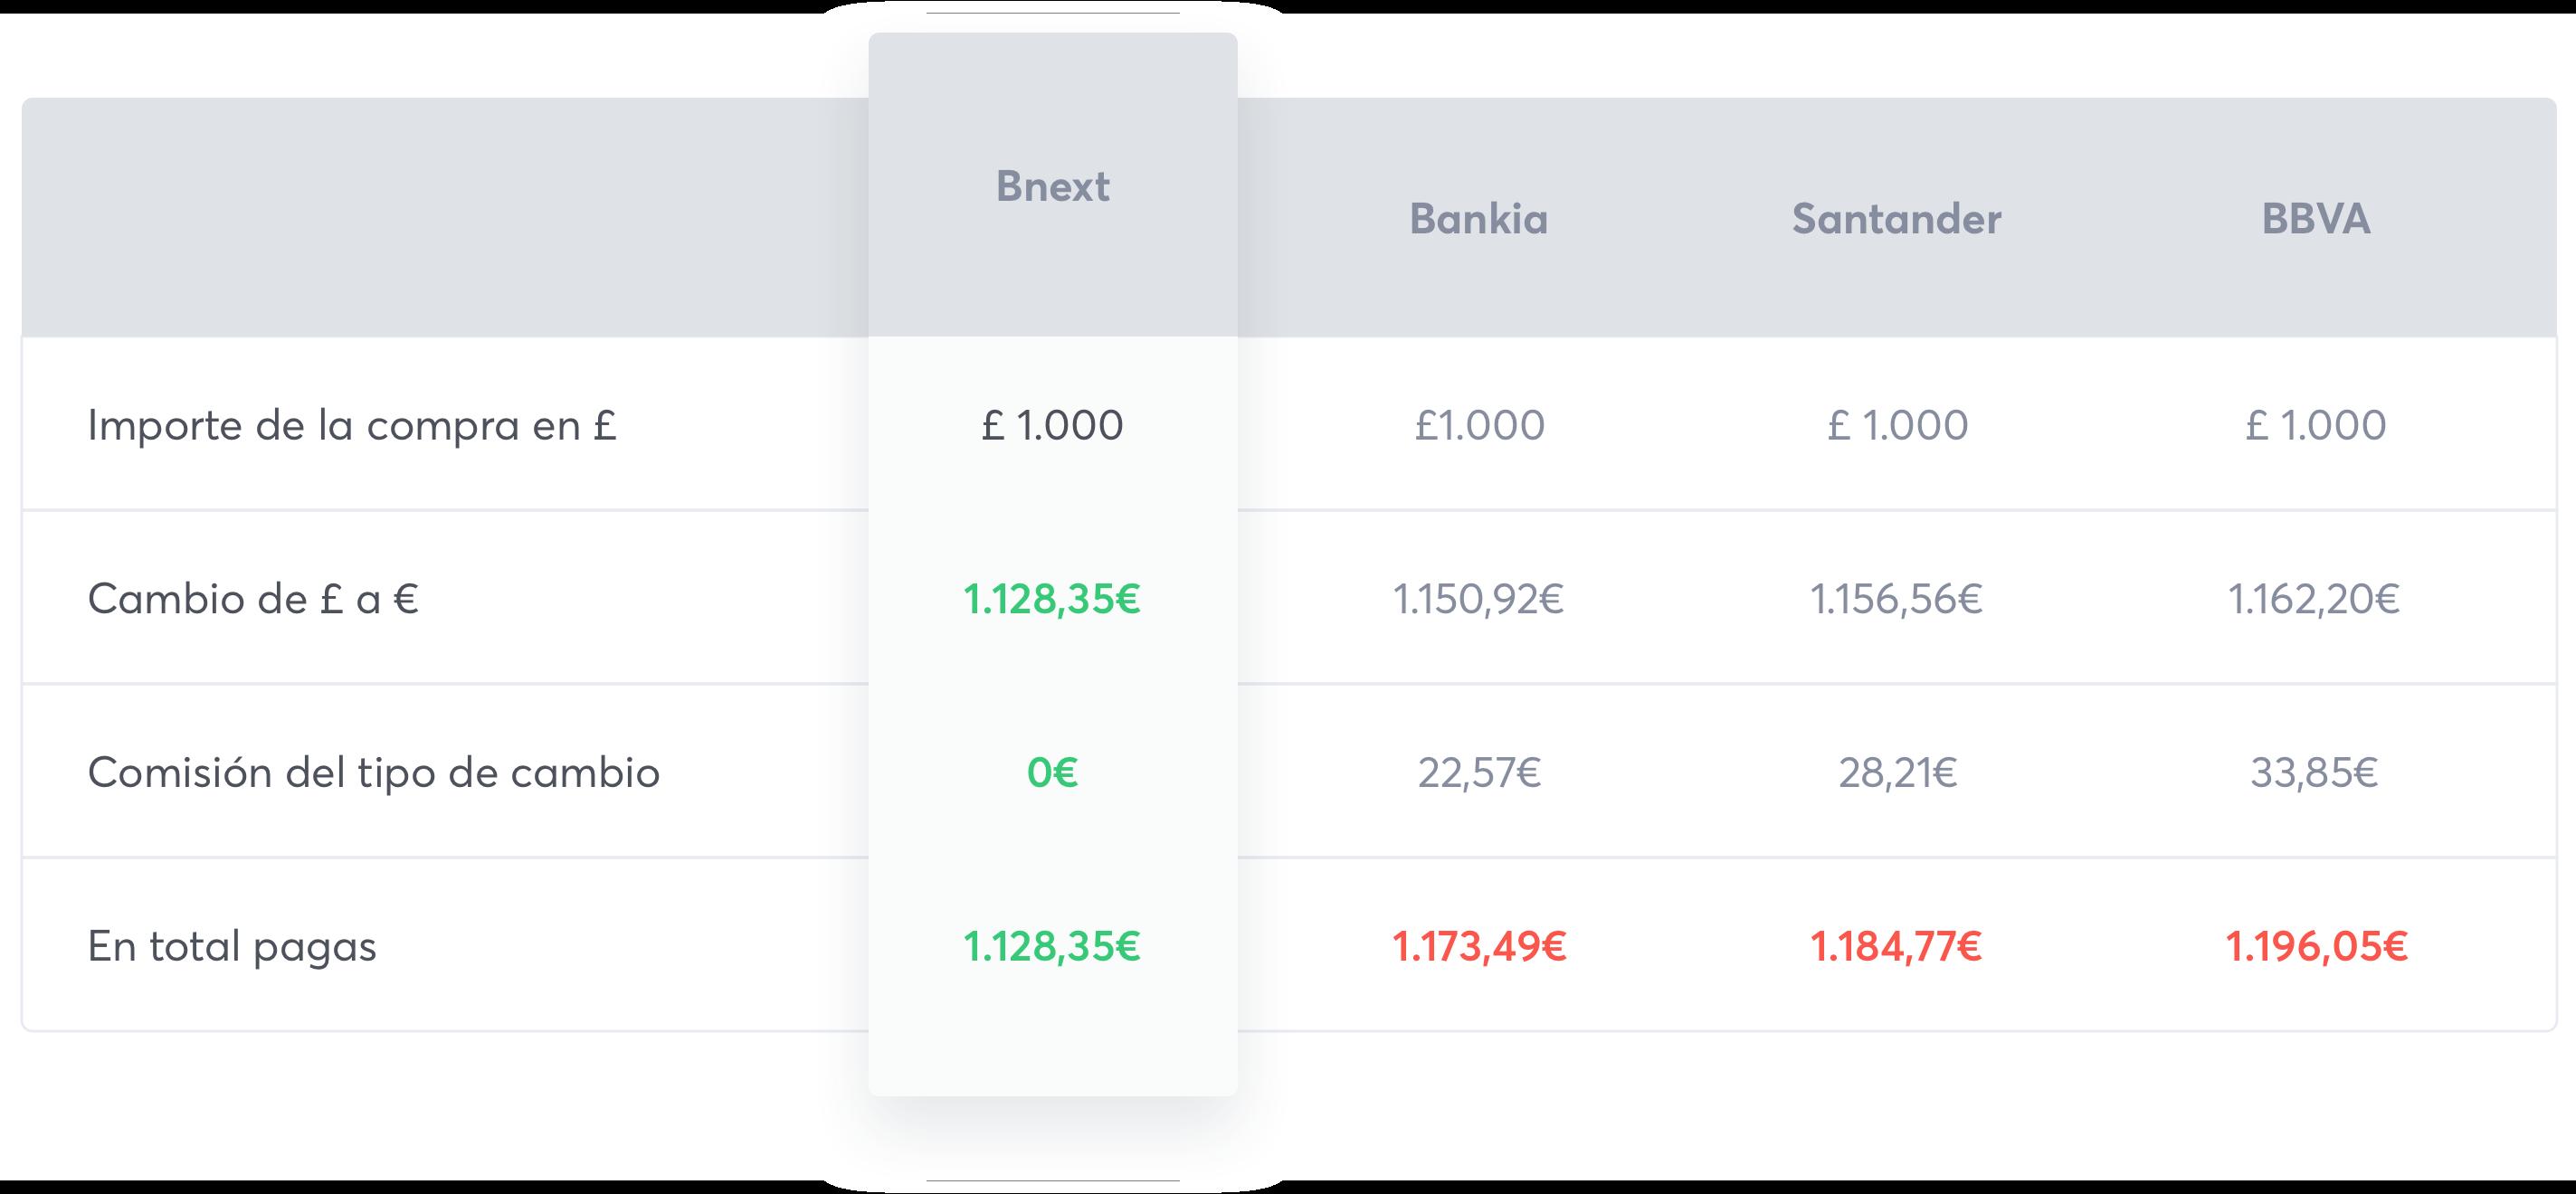 Comparativa con los bancos